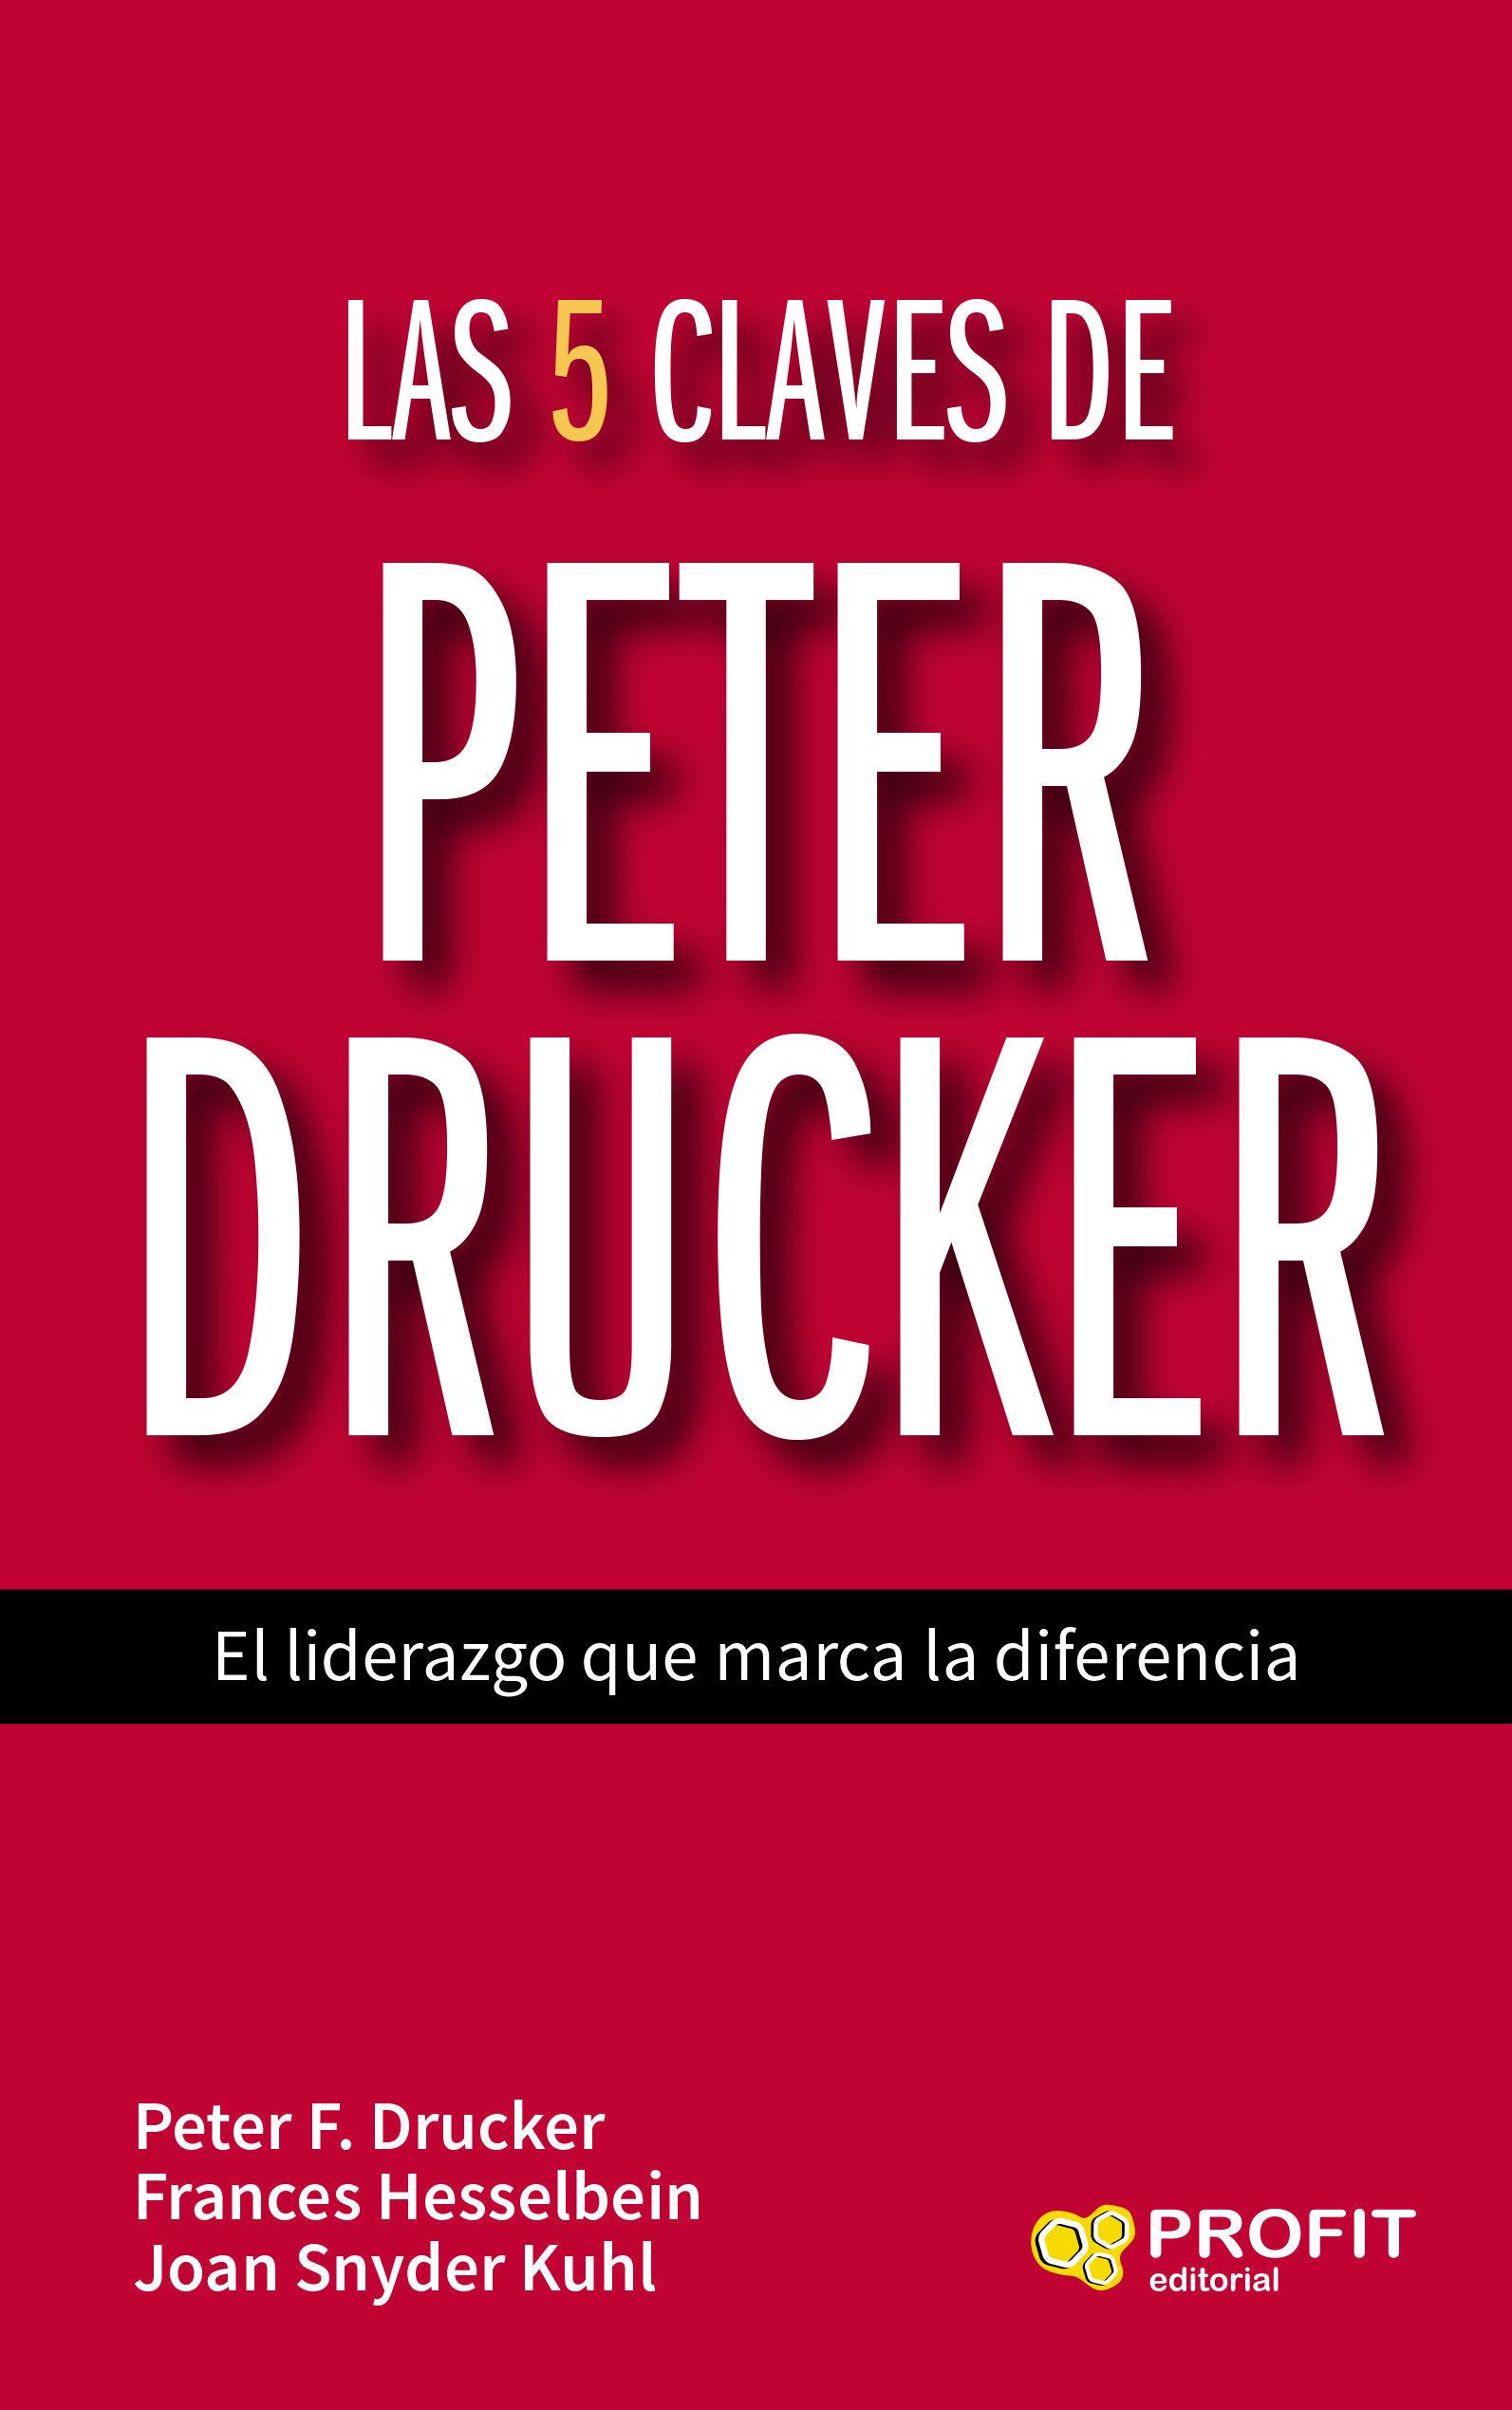 Resultado de imagen para Las 5 claves de Peter Drucker: el liderazgo que marca la diferencia